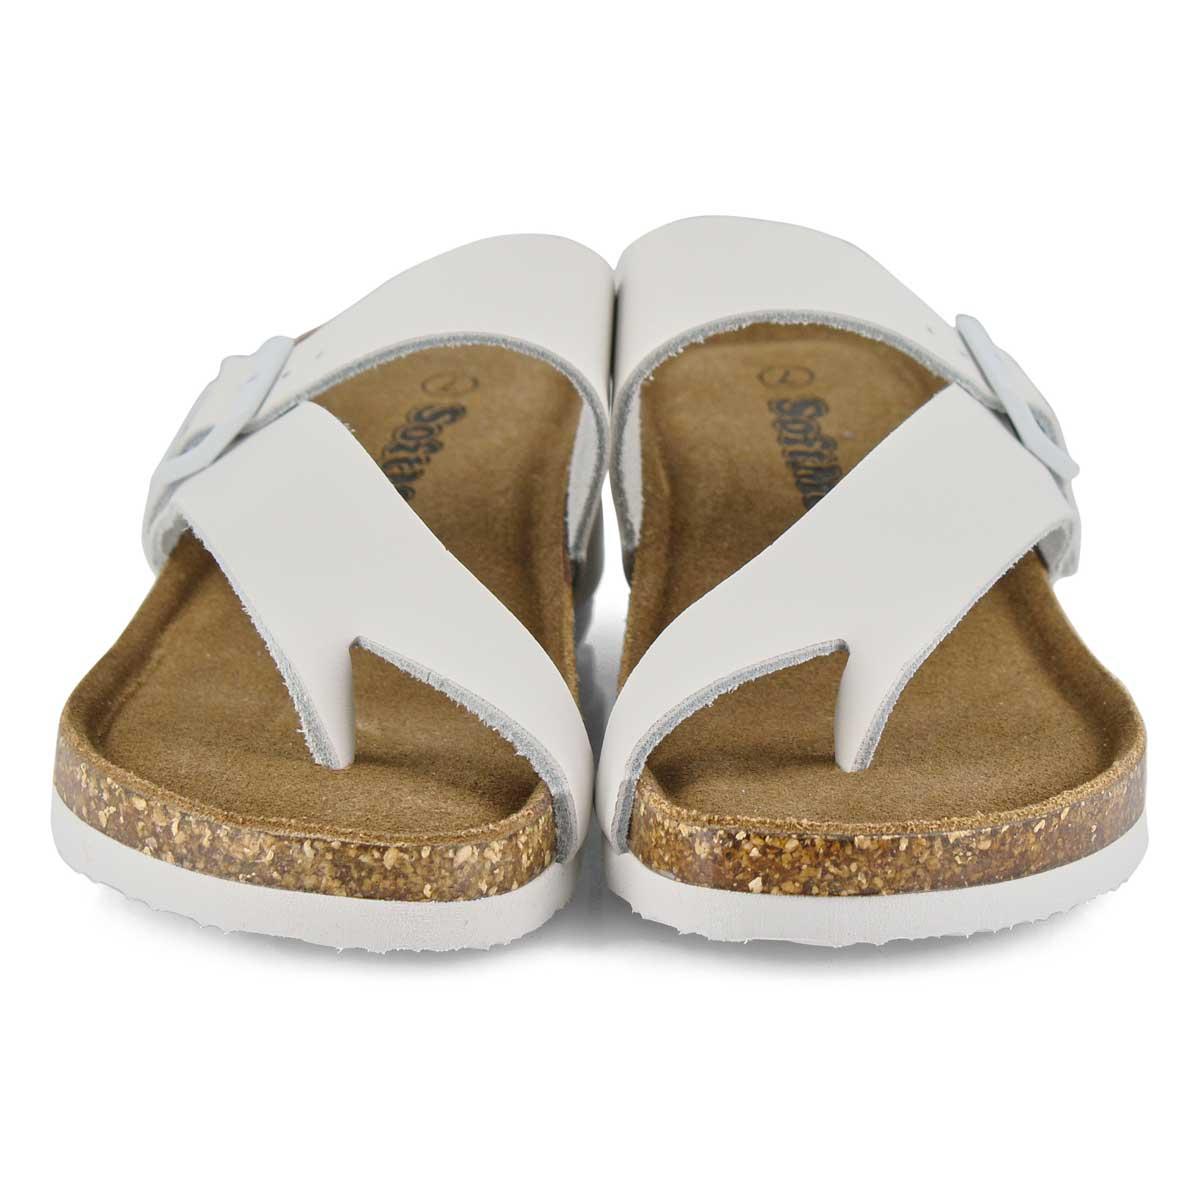 Lds Andrea5 white memory foam wdg sandal